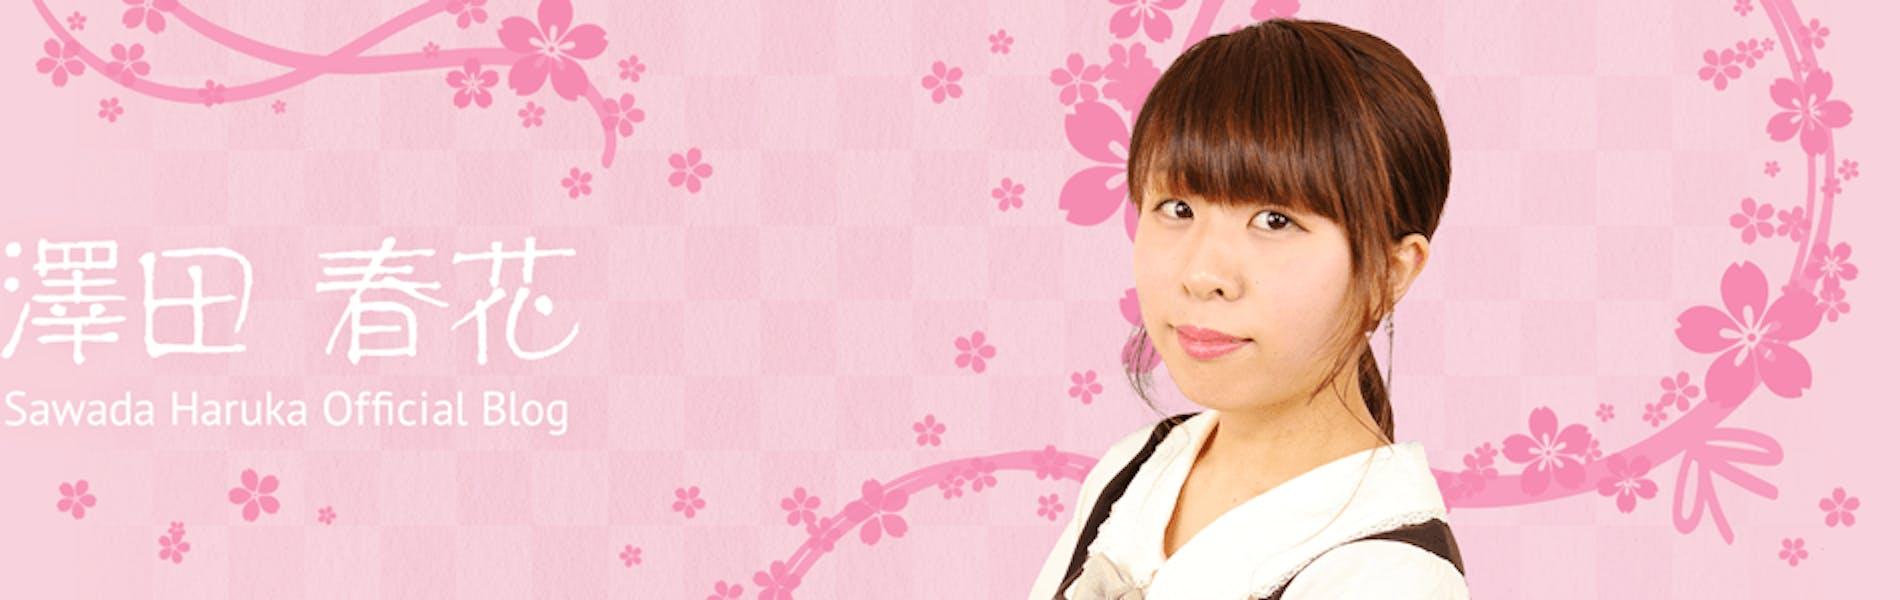 澤田春花 オフィシャルブログ